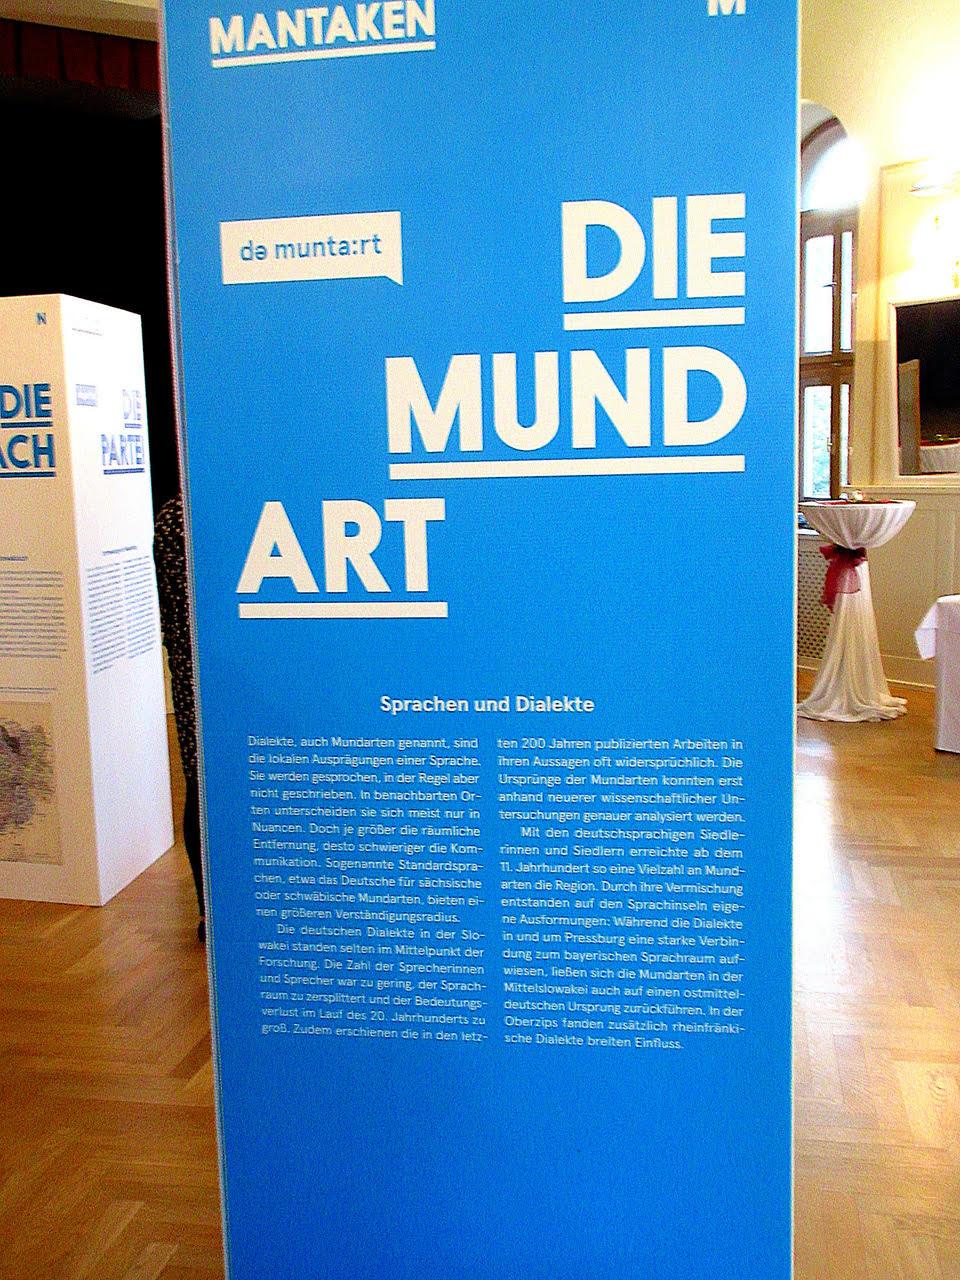 Ausstellungstafel in der Mantaken-Ausstellung